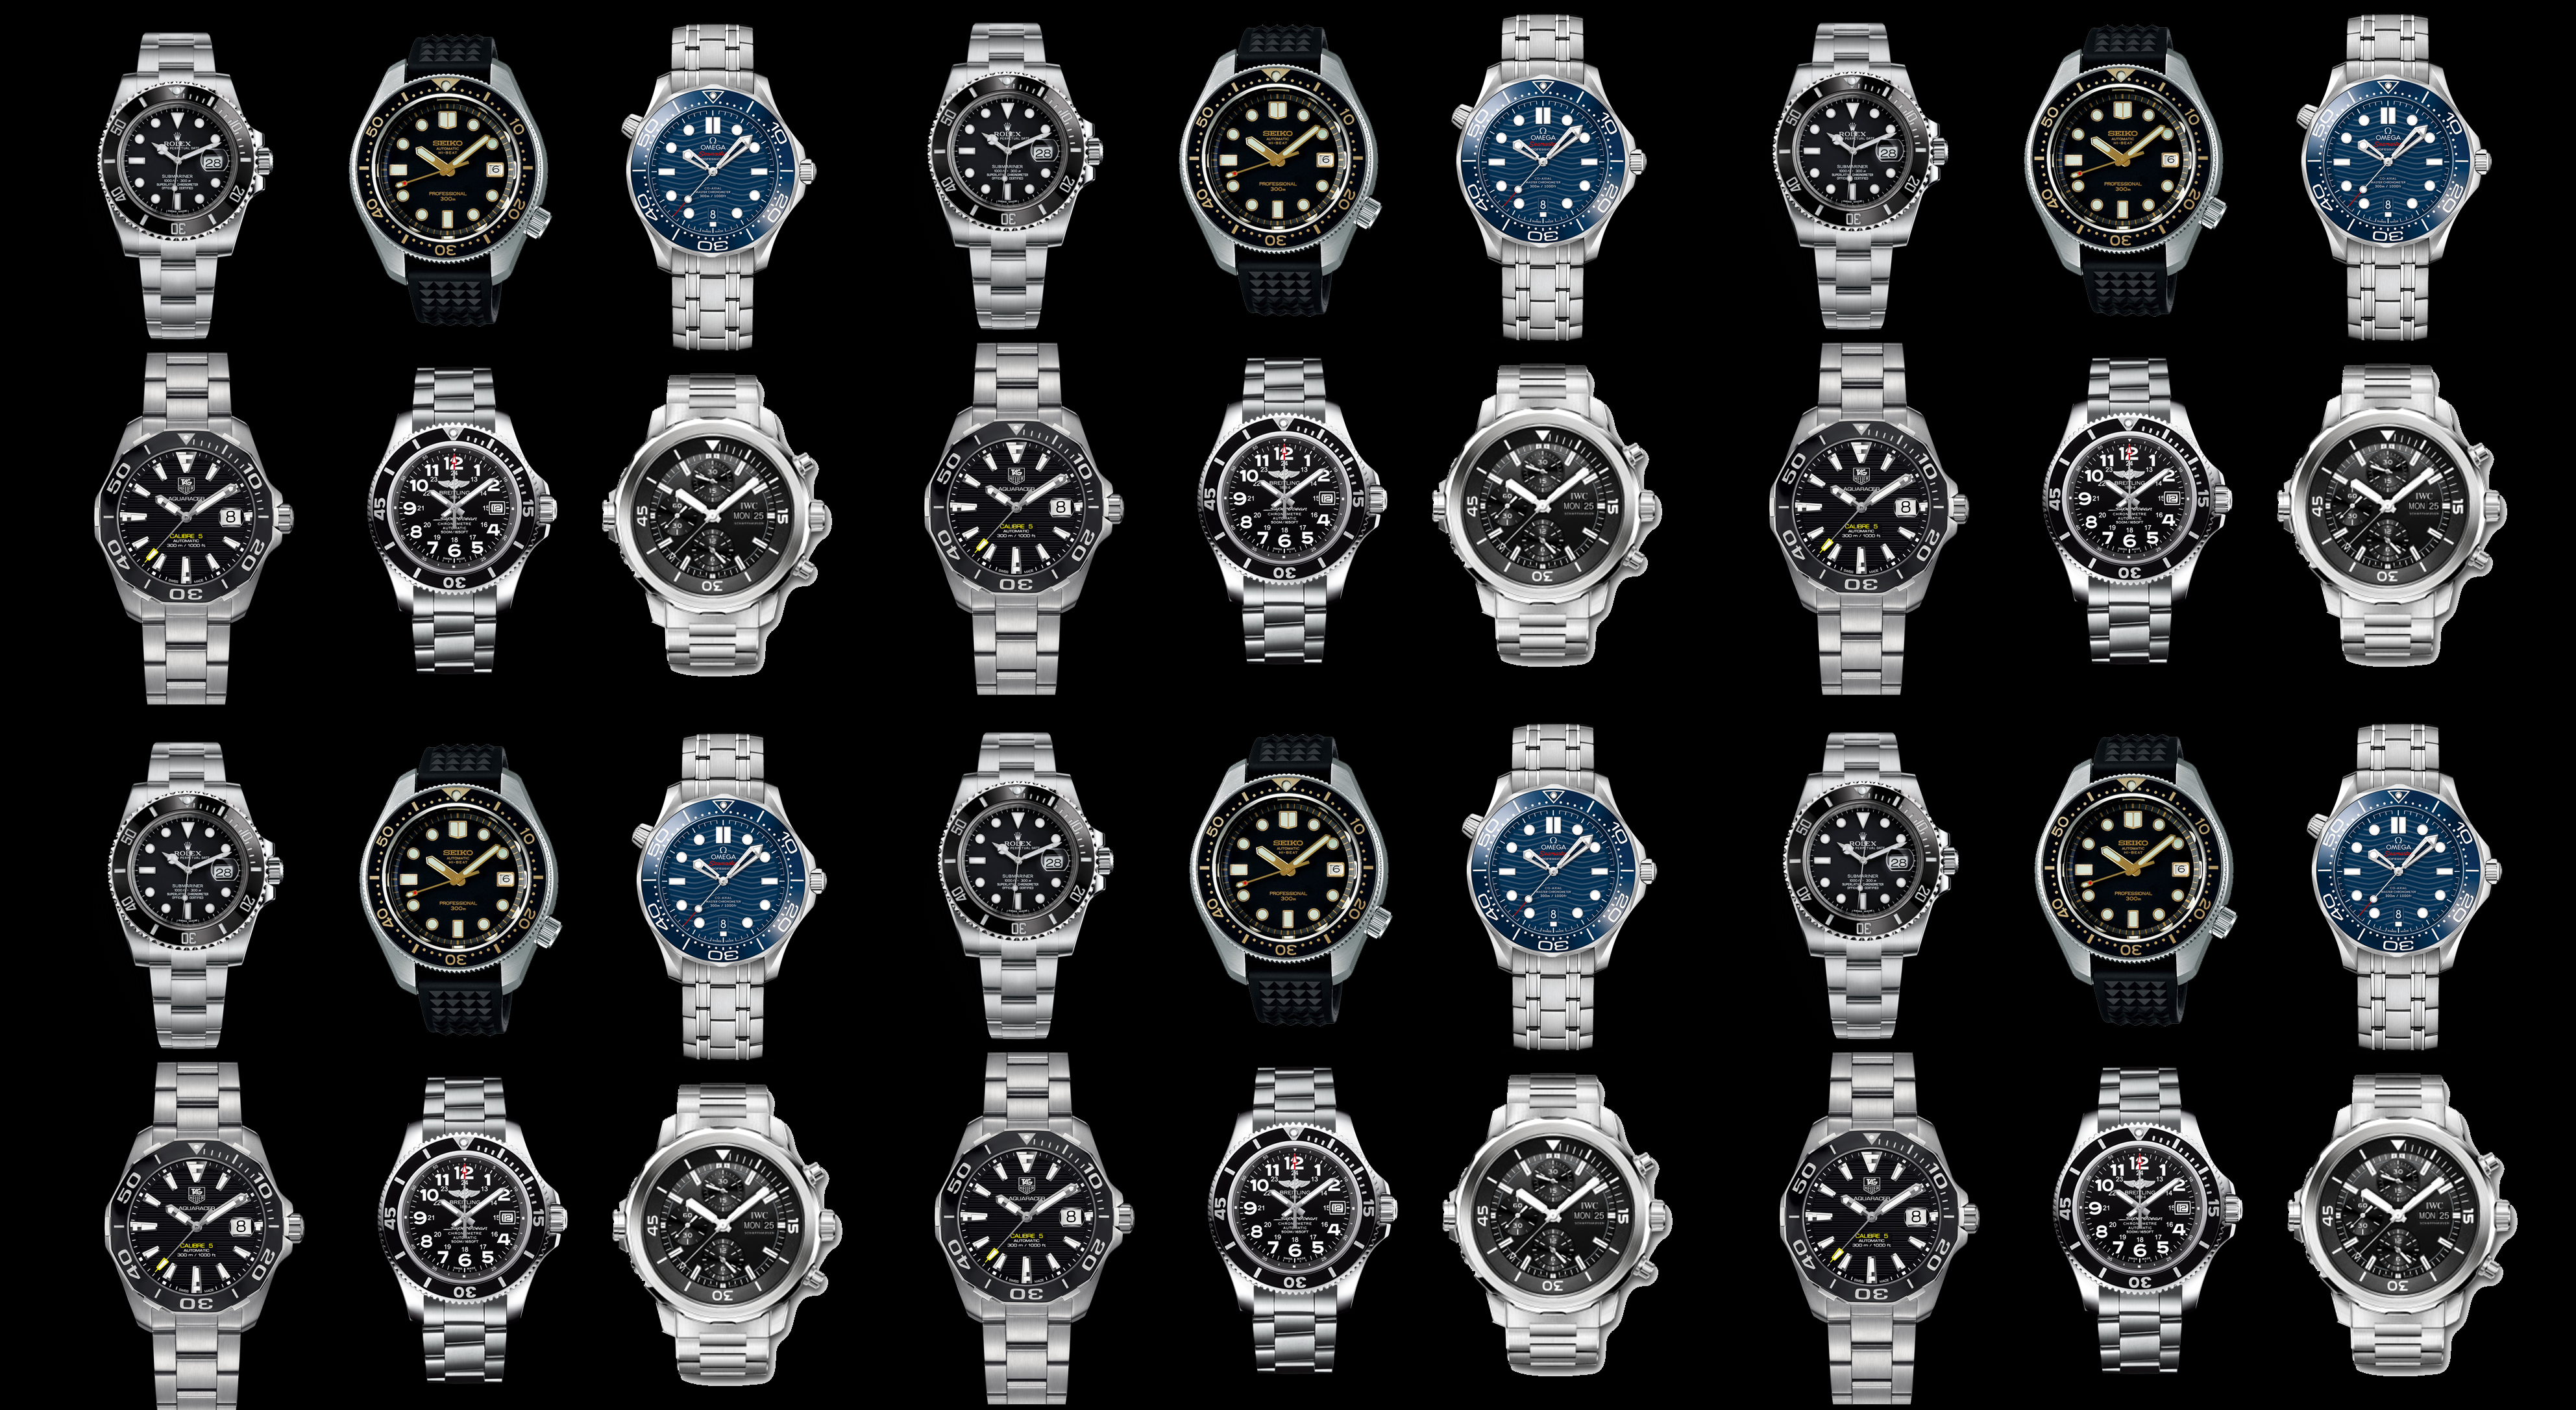 高い腕時計が、格好良い腕時計だろうか?